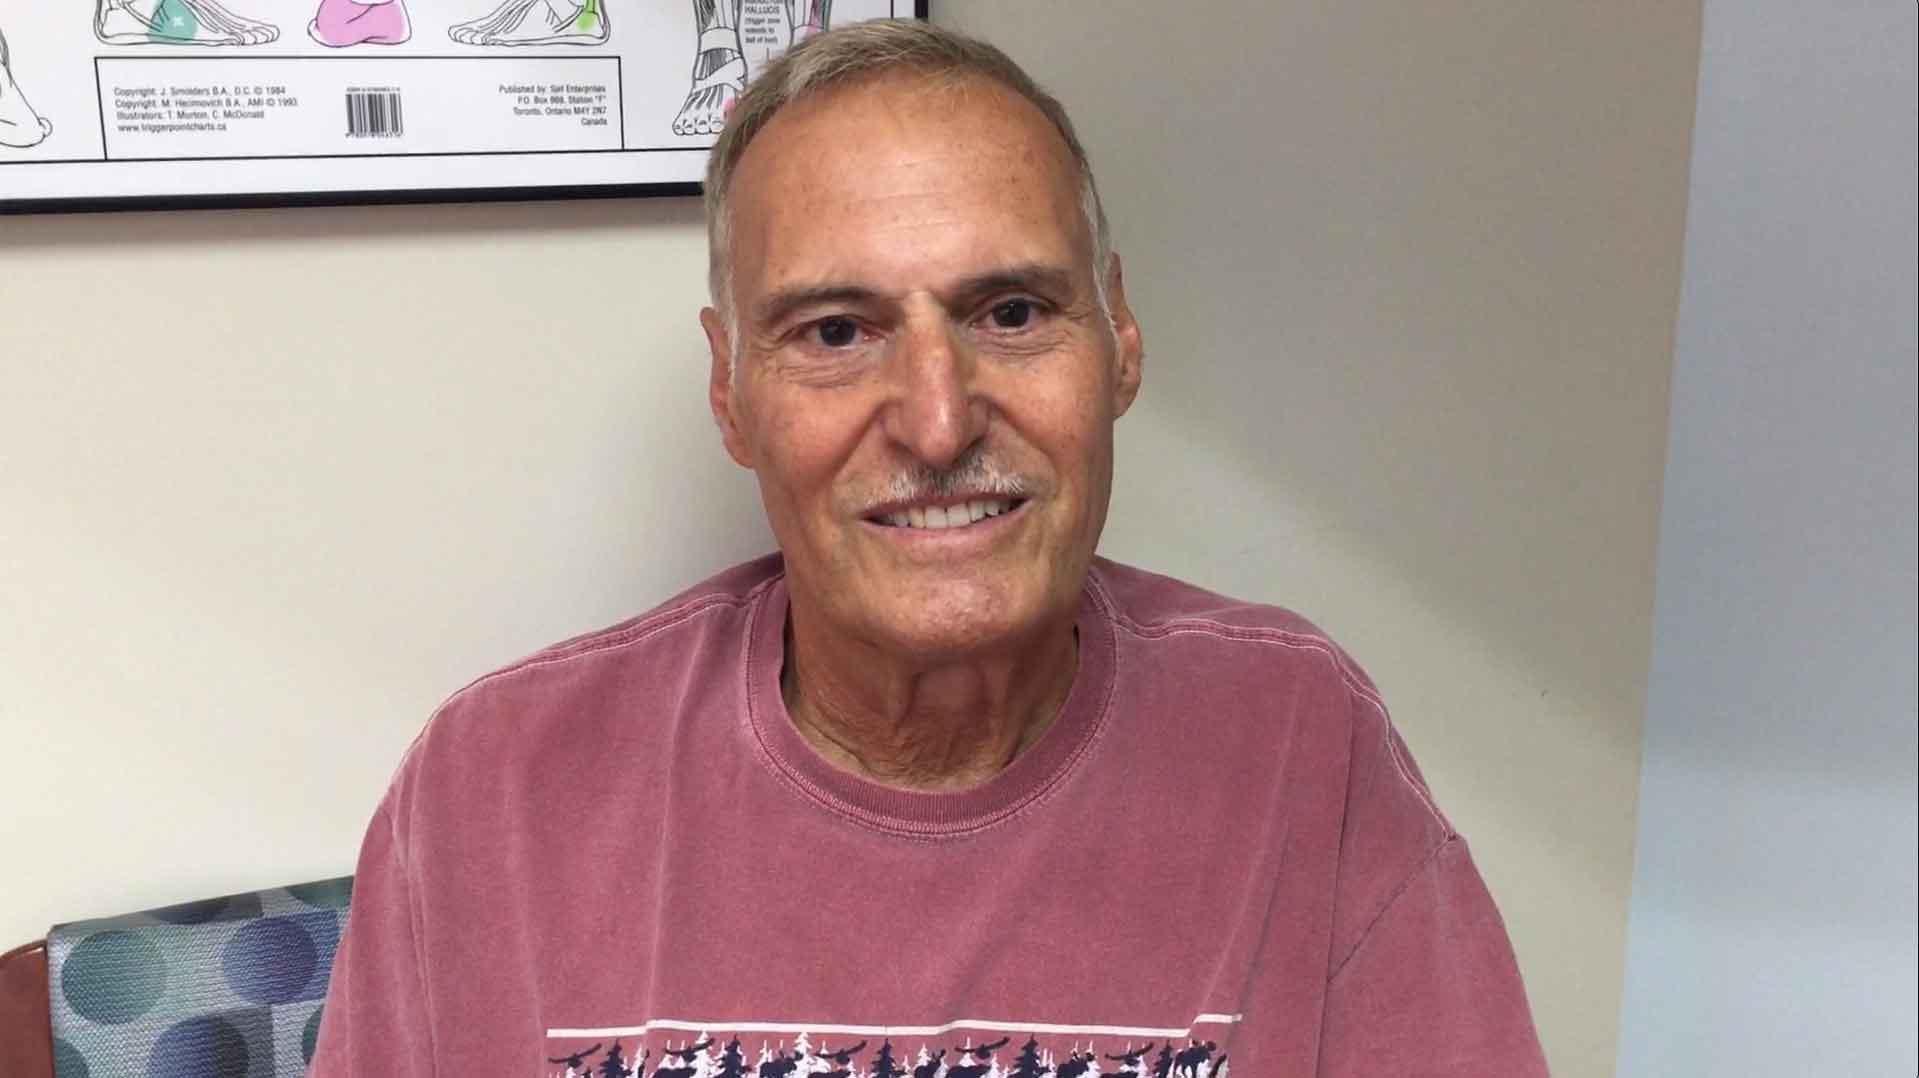 Steve bilateral knee stem cell